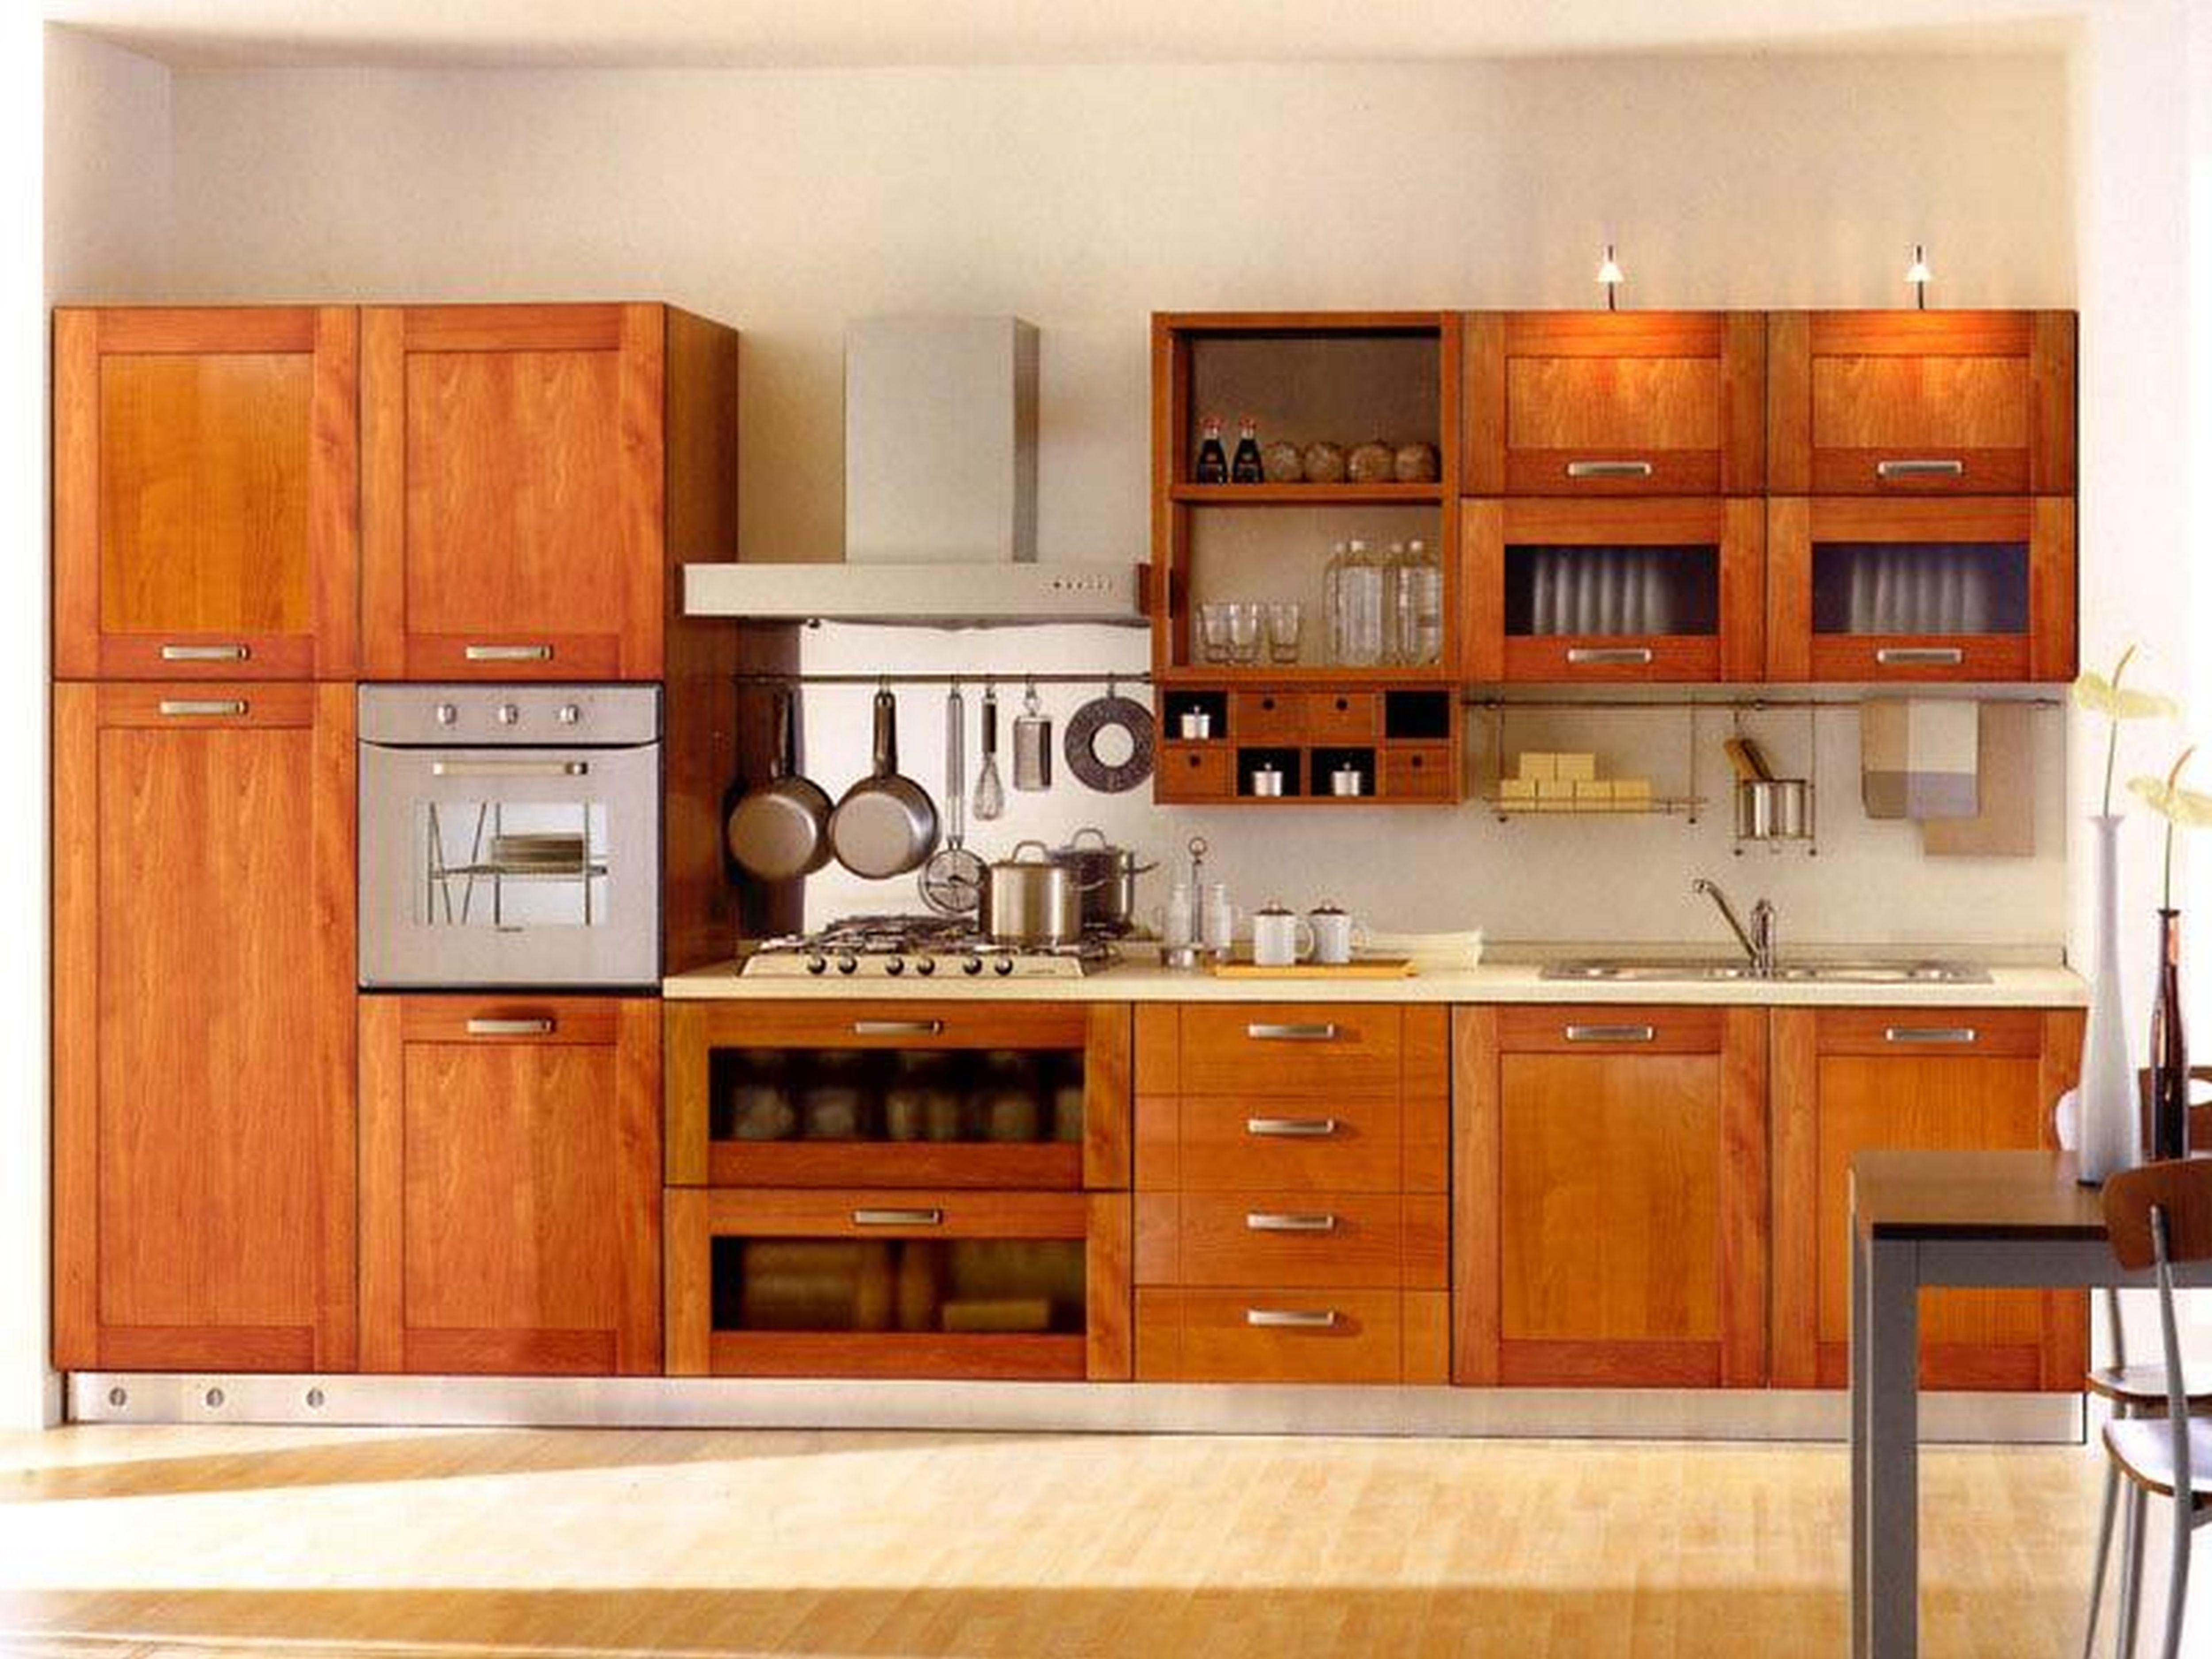 Großzügig Küche Design Software Freeware Galerie - Ideen Für Die ...